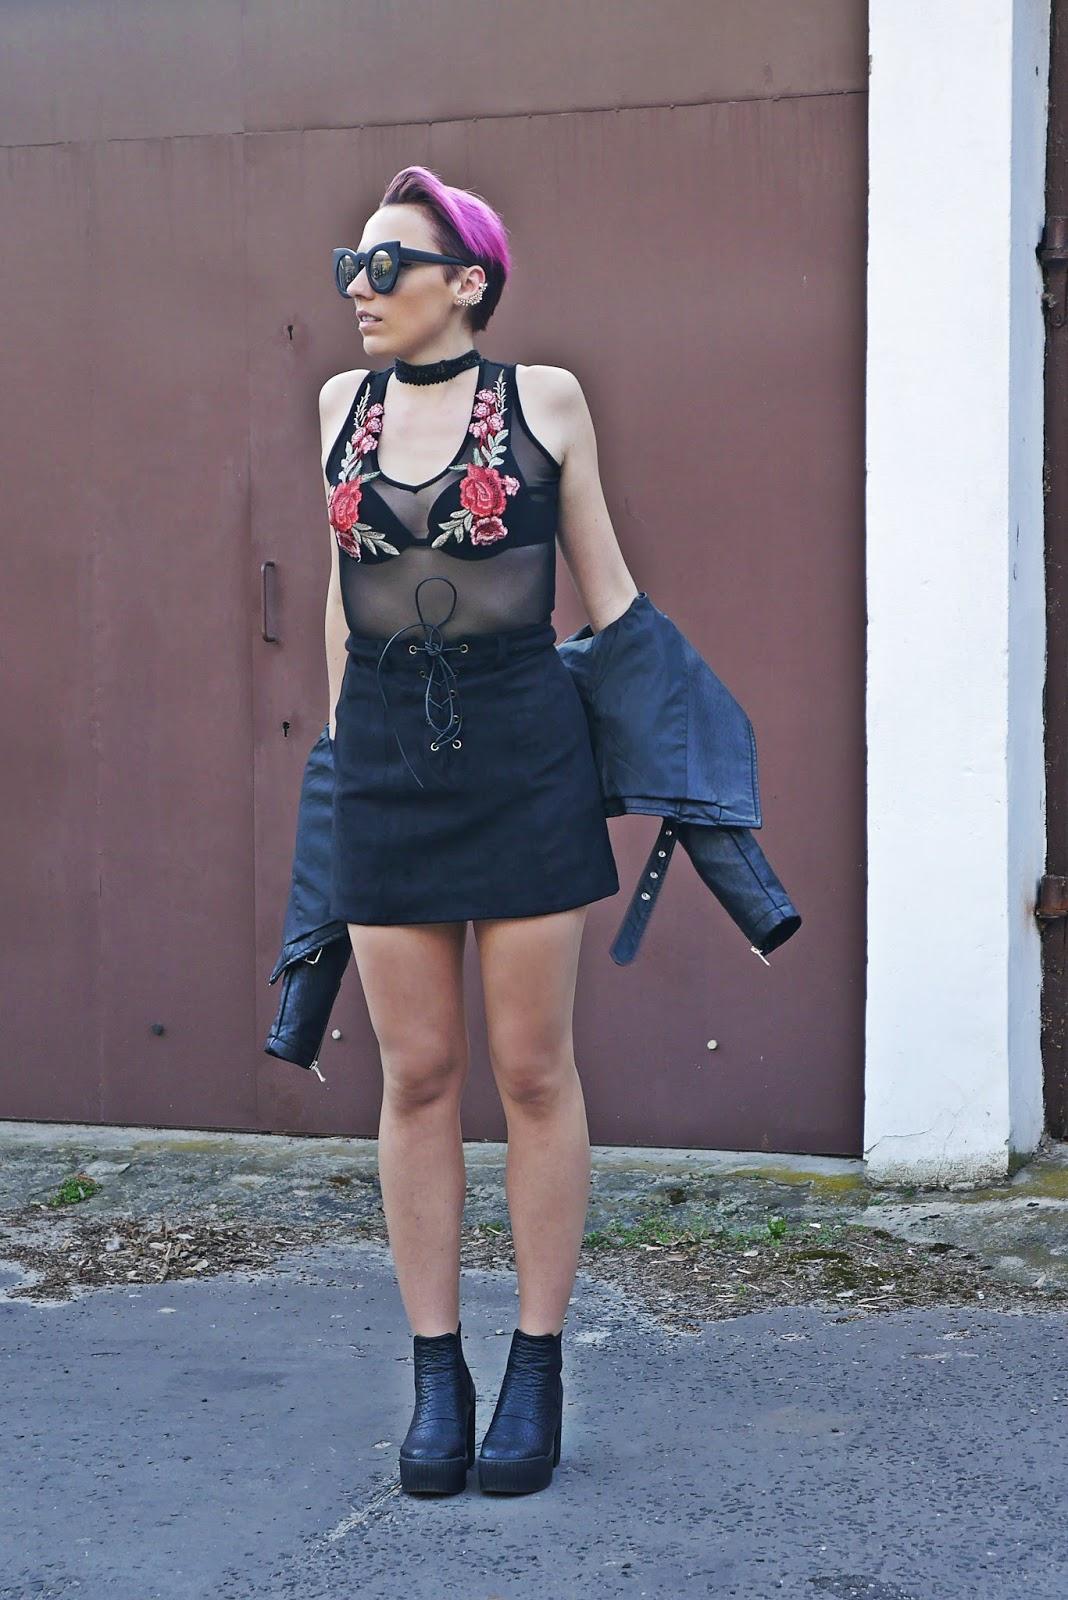 buty_platformy_look_ootd_karyn_czarna_spodnica_naszywki_outfit_ramoneska_180417b